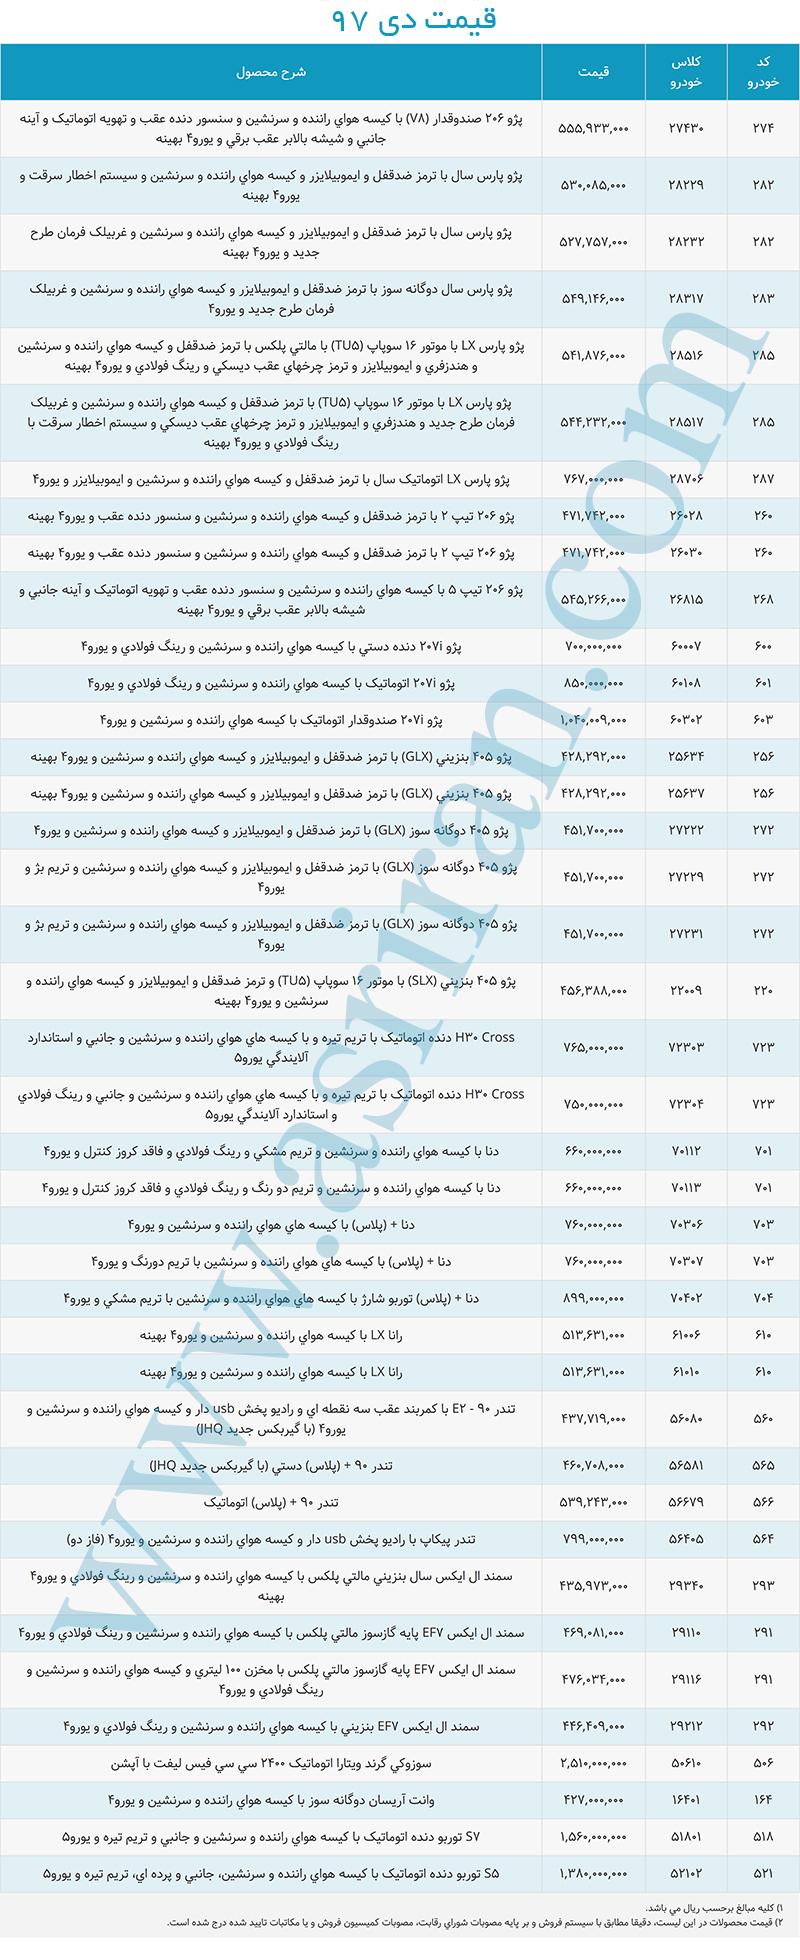 «ایران خودرو» بالاخره کار خودش را کرد؛ قیمت ها افزایش یافت+لیست جدید قیمت - 5